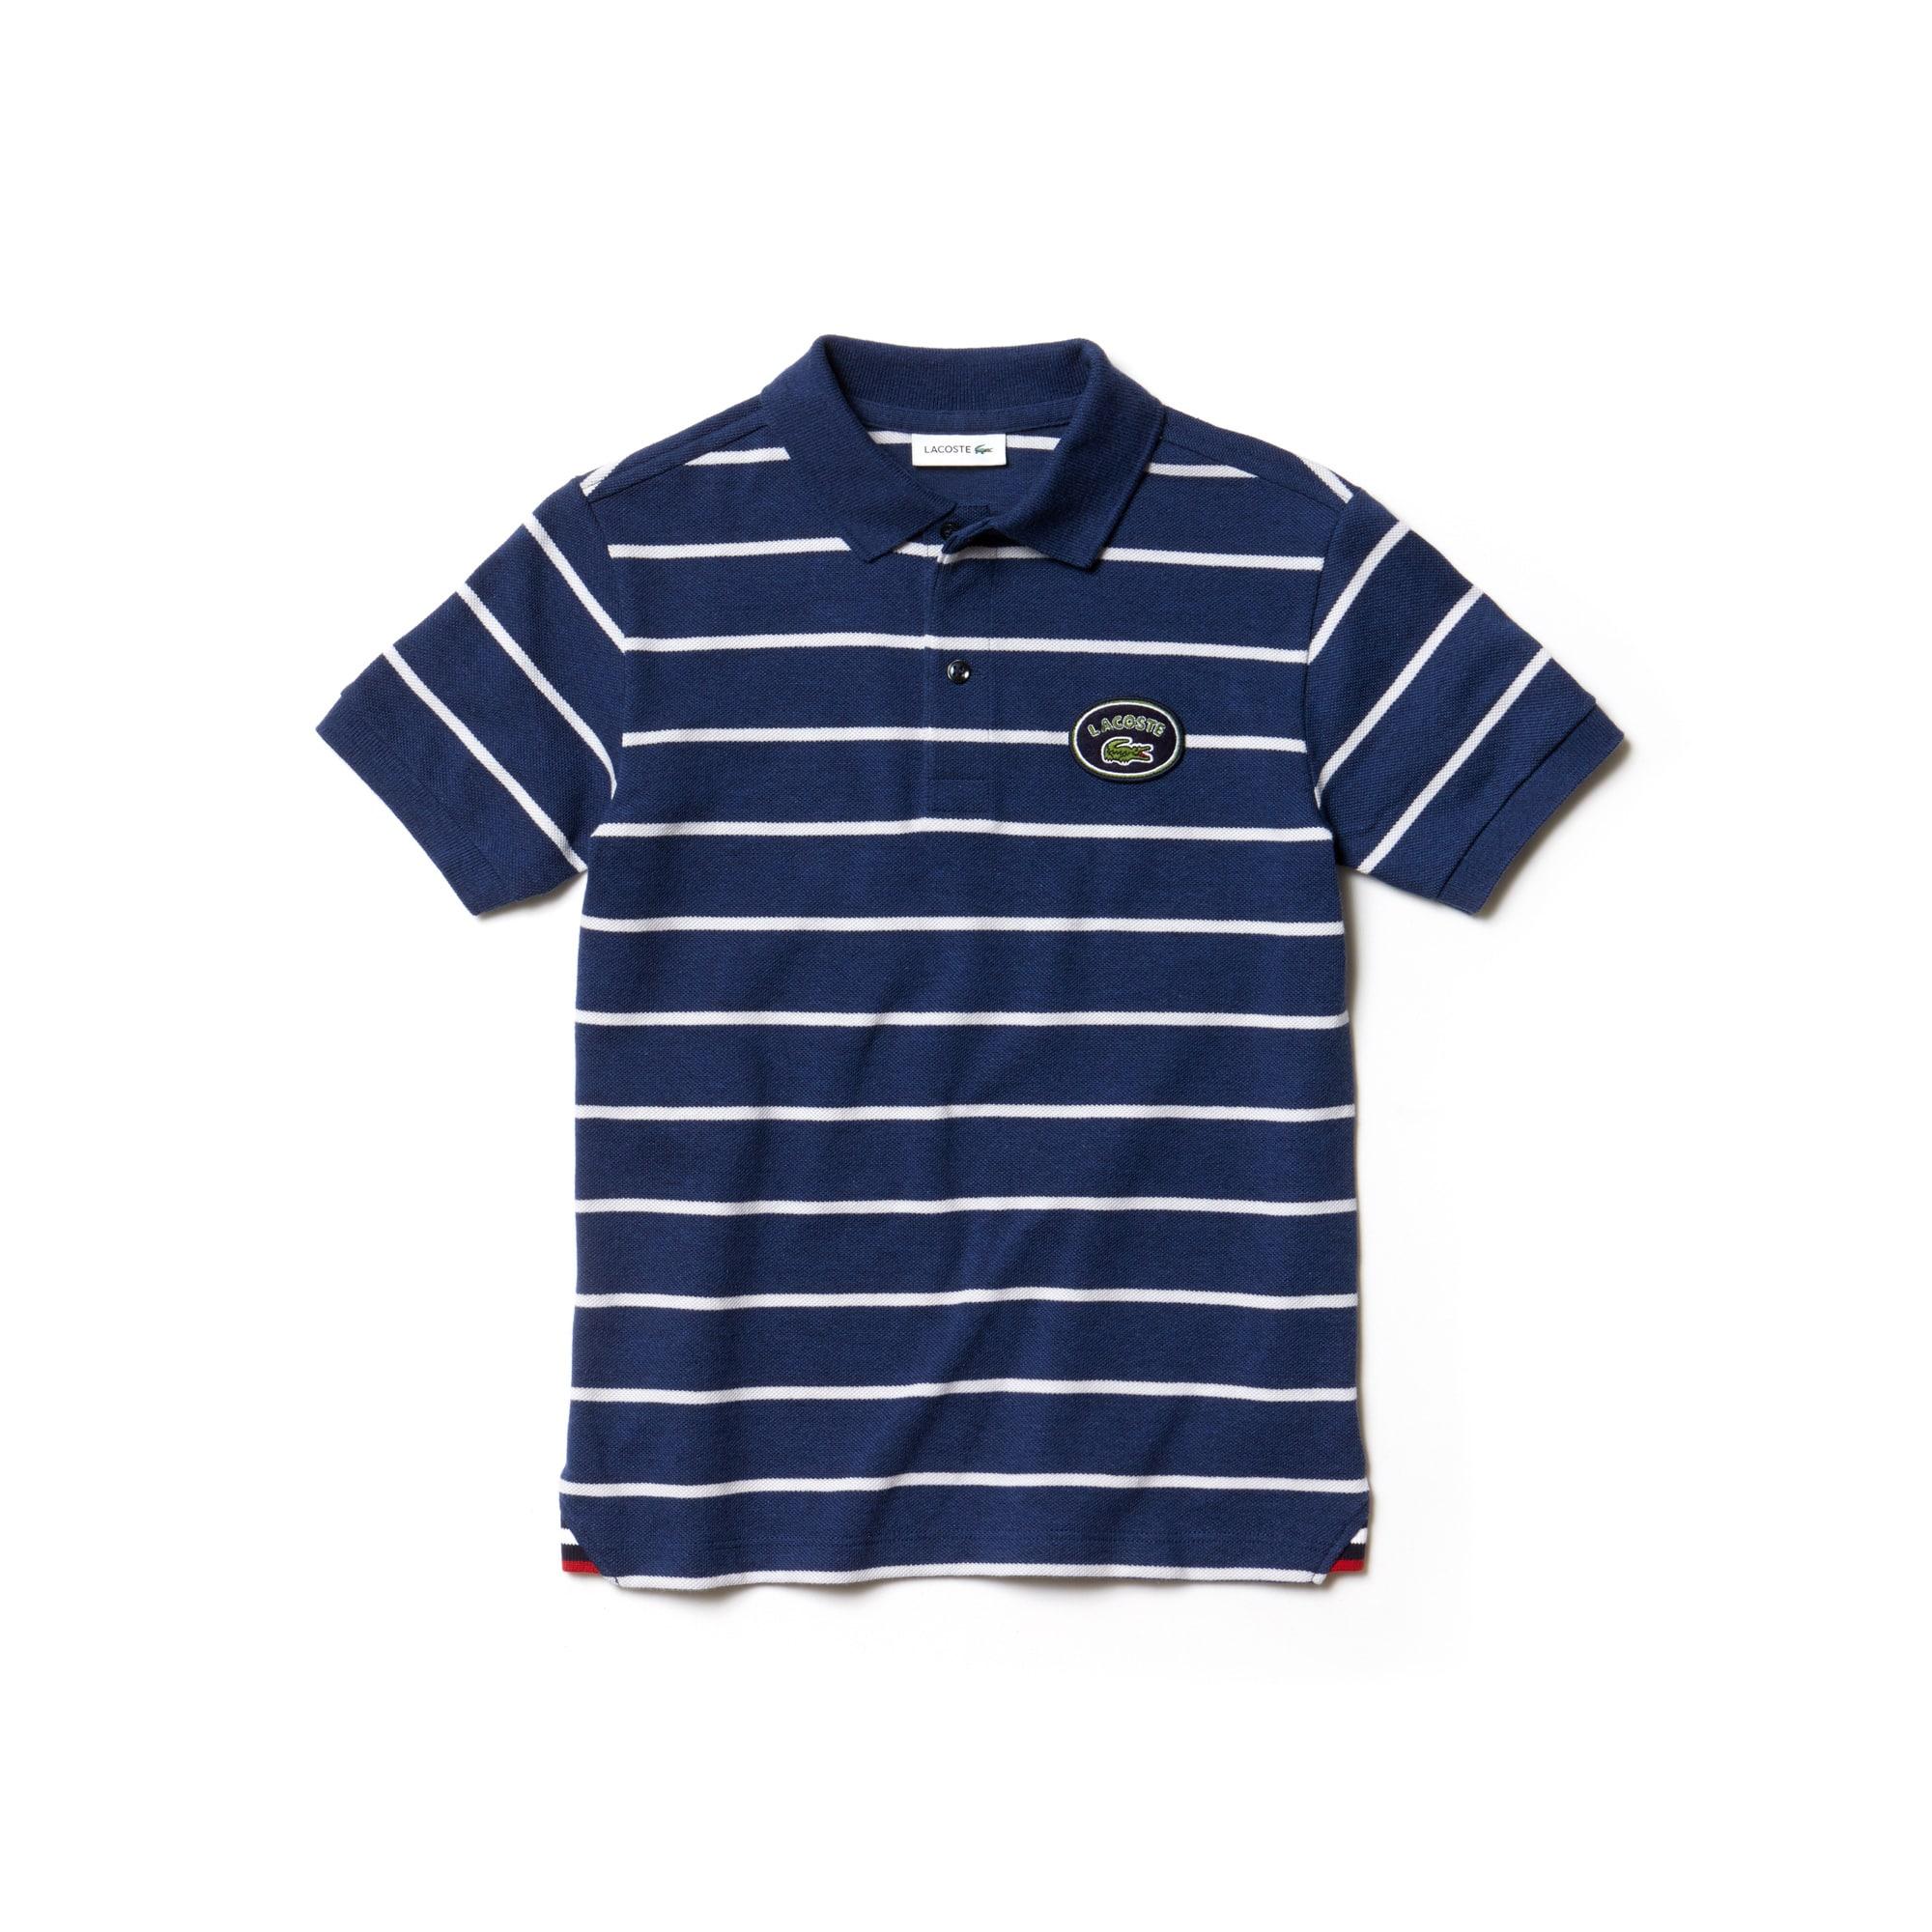 LACOSTE Jungen-Poloshirt aus gestreiftem Baumwoll-Piqué